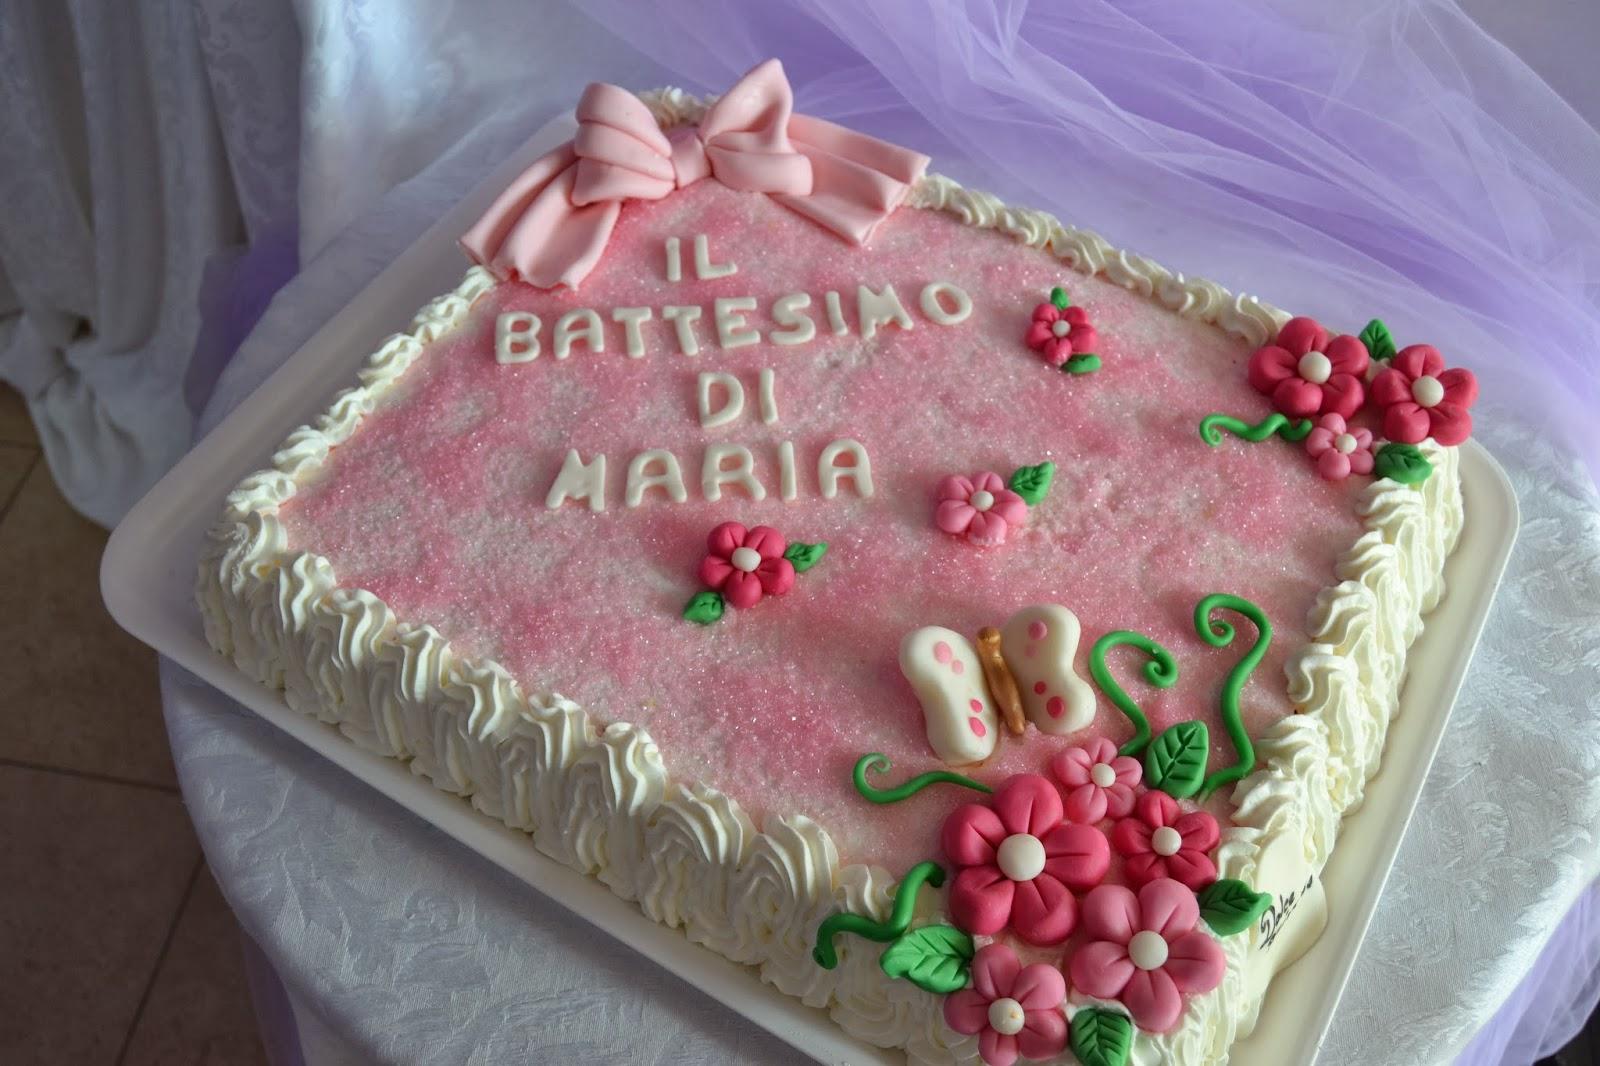 Decorazioni per torte compleanno decorazioni per torte compleanno home decore inspiration - Decorazioni porte ...